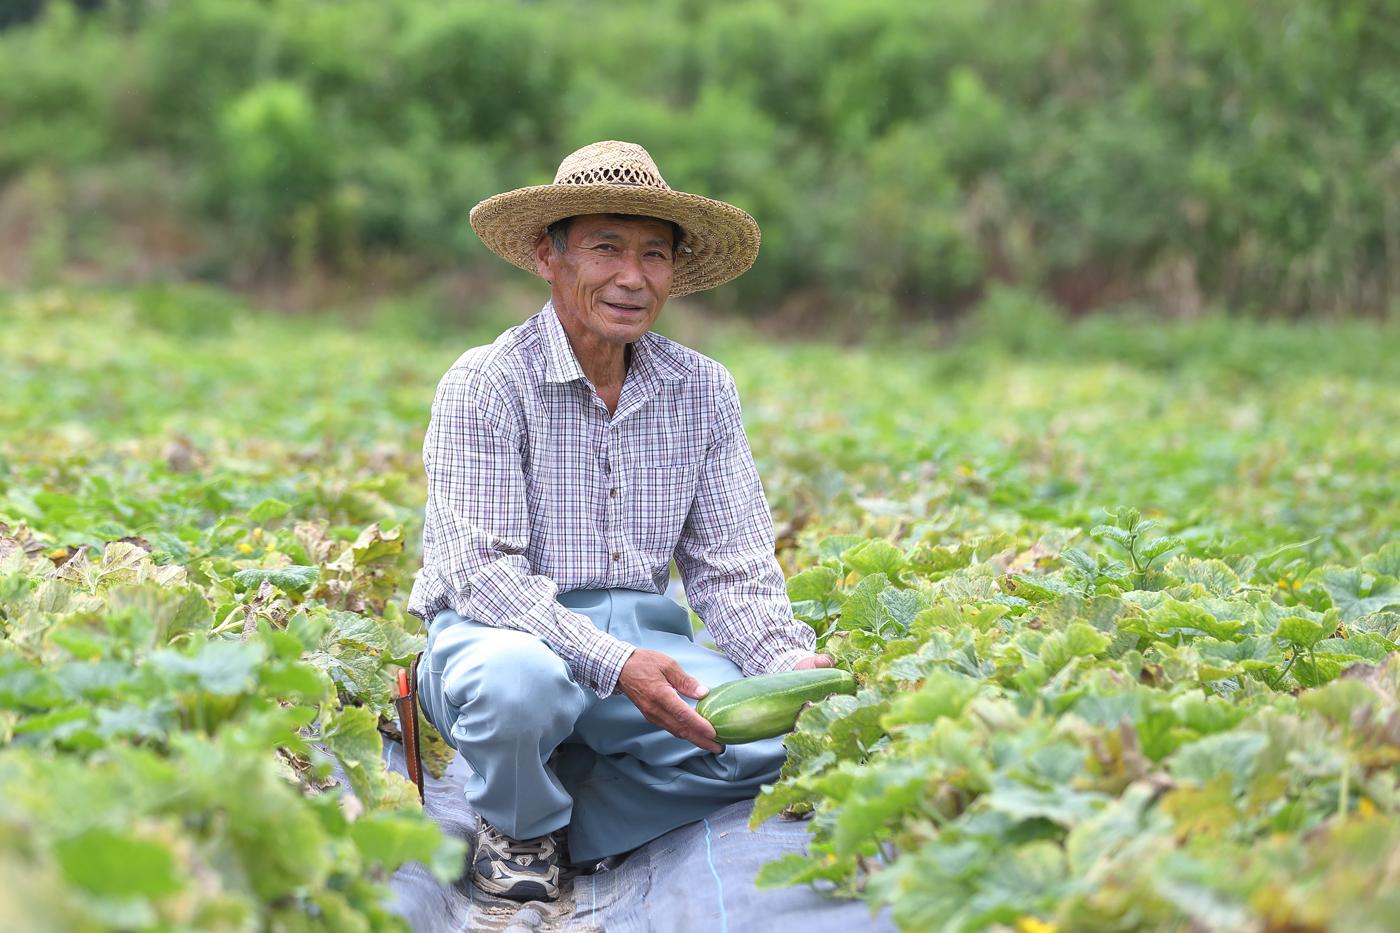 玉造黒門越瓜(たまつくりくろもんしろうり)の生産者、久門明郎さん(67歳)。2ヘクタールの畑を使って、玉造黒門越瓜などの野菜を生産されています。